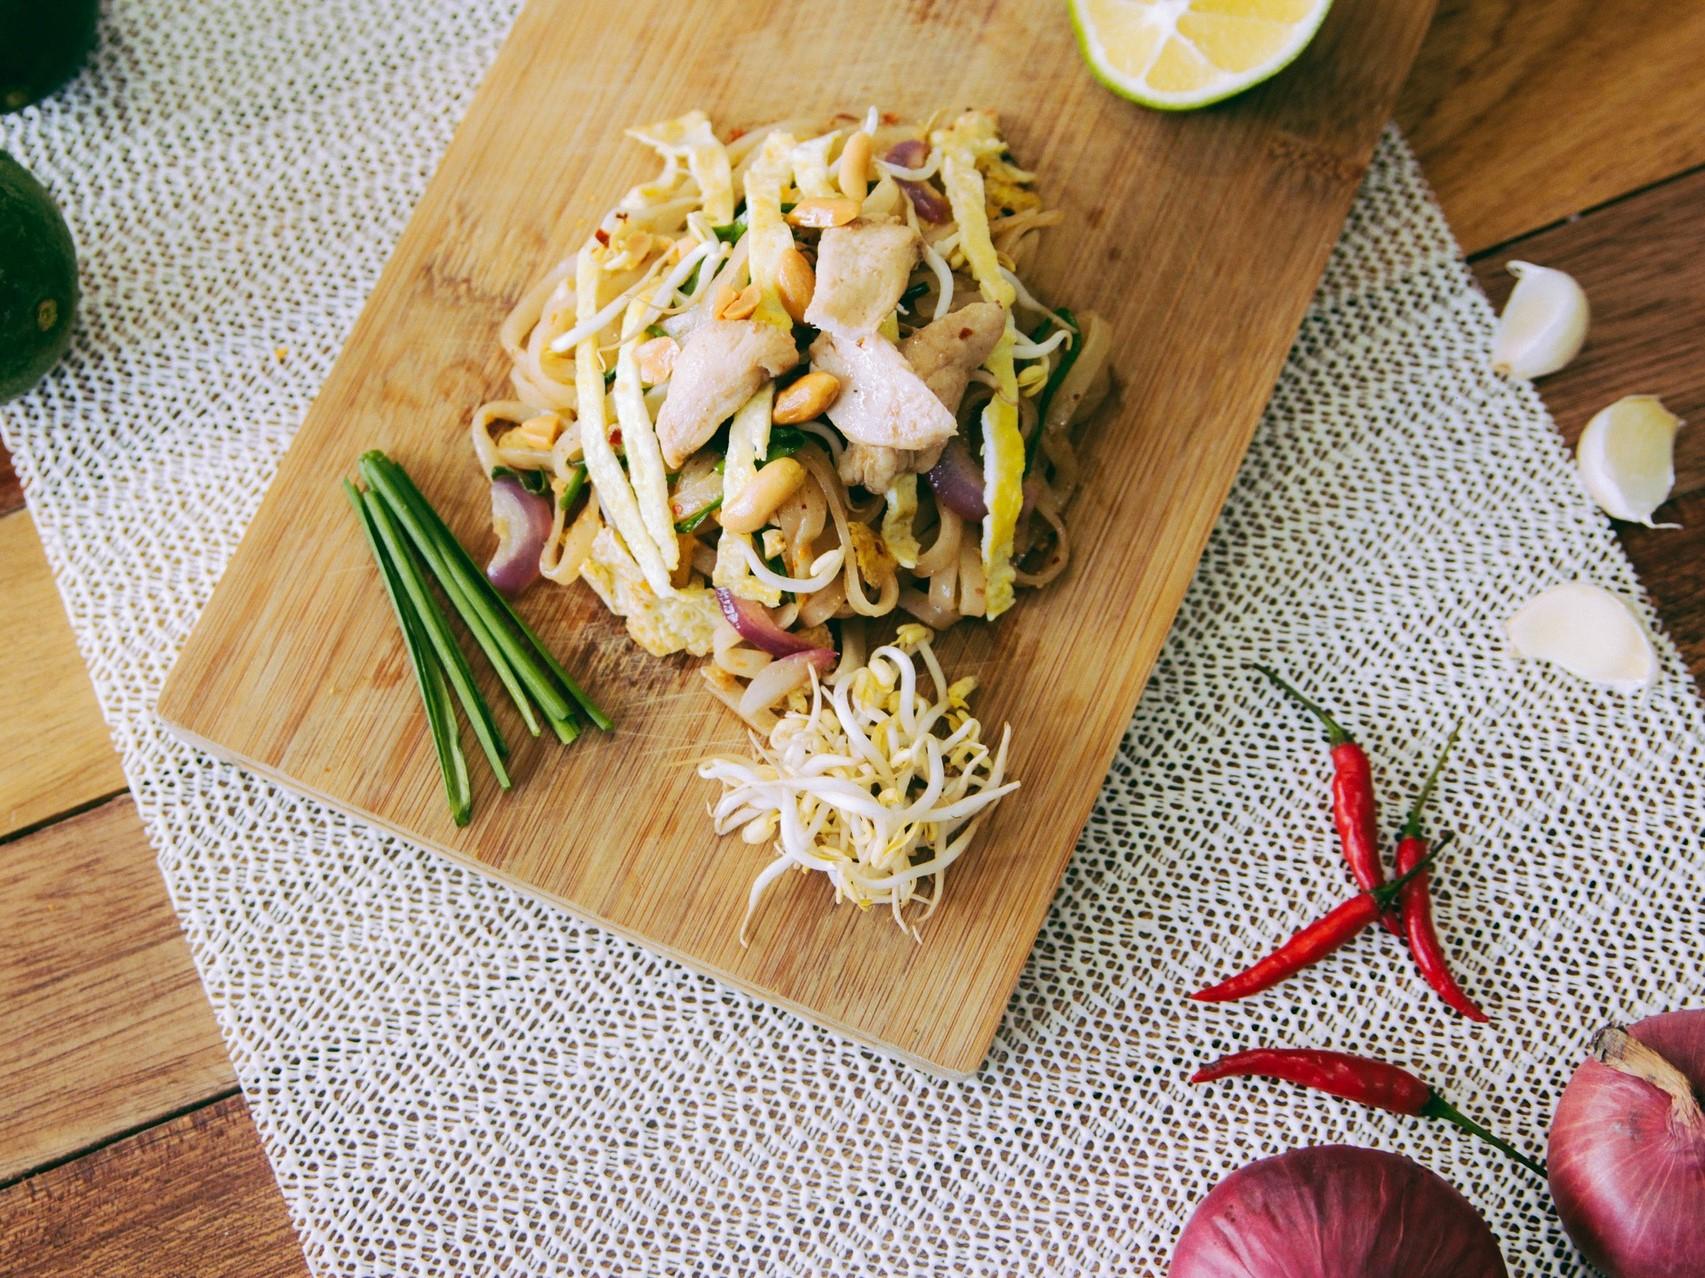 Соя — важная часть самой здоровой национальной кухни